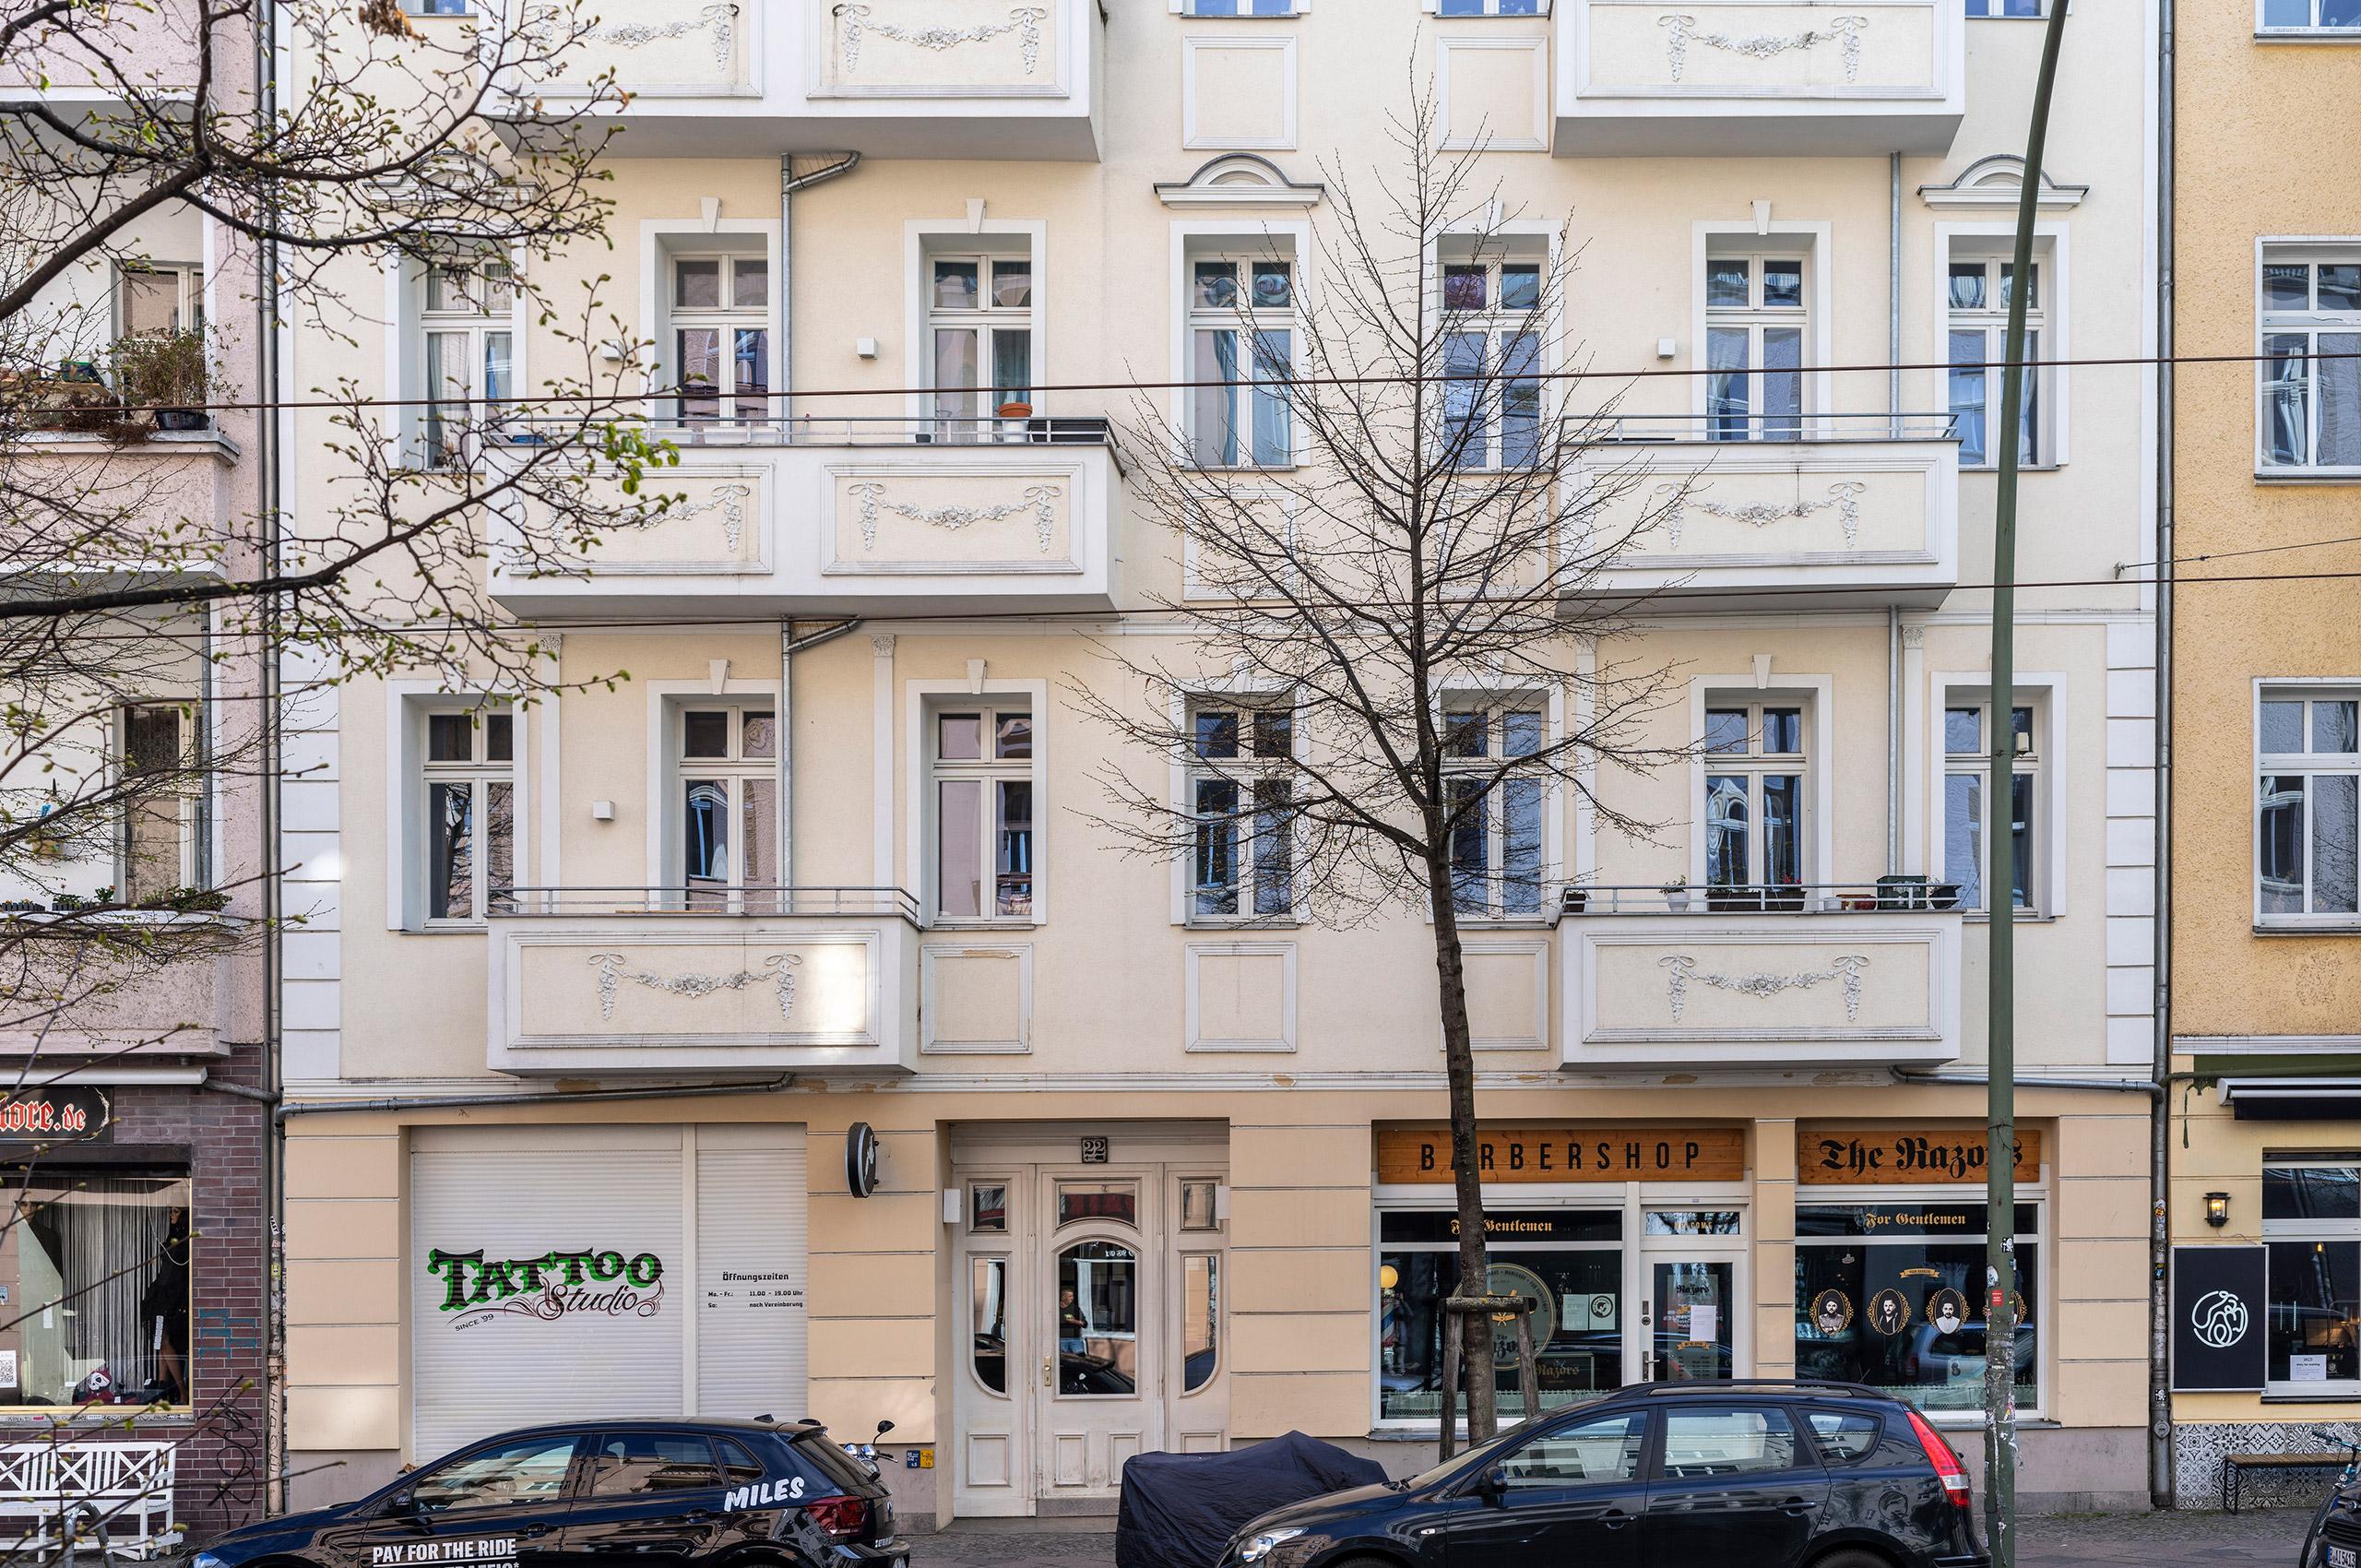 Vicent Architekten Boxhagenerstraße 22 Berlin Friedrichshain